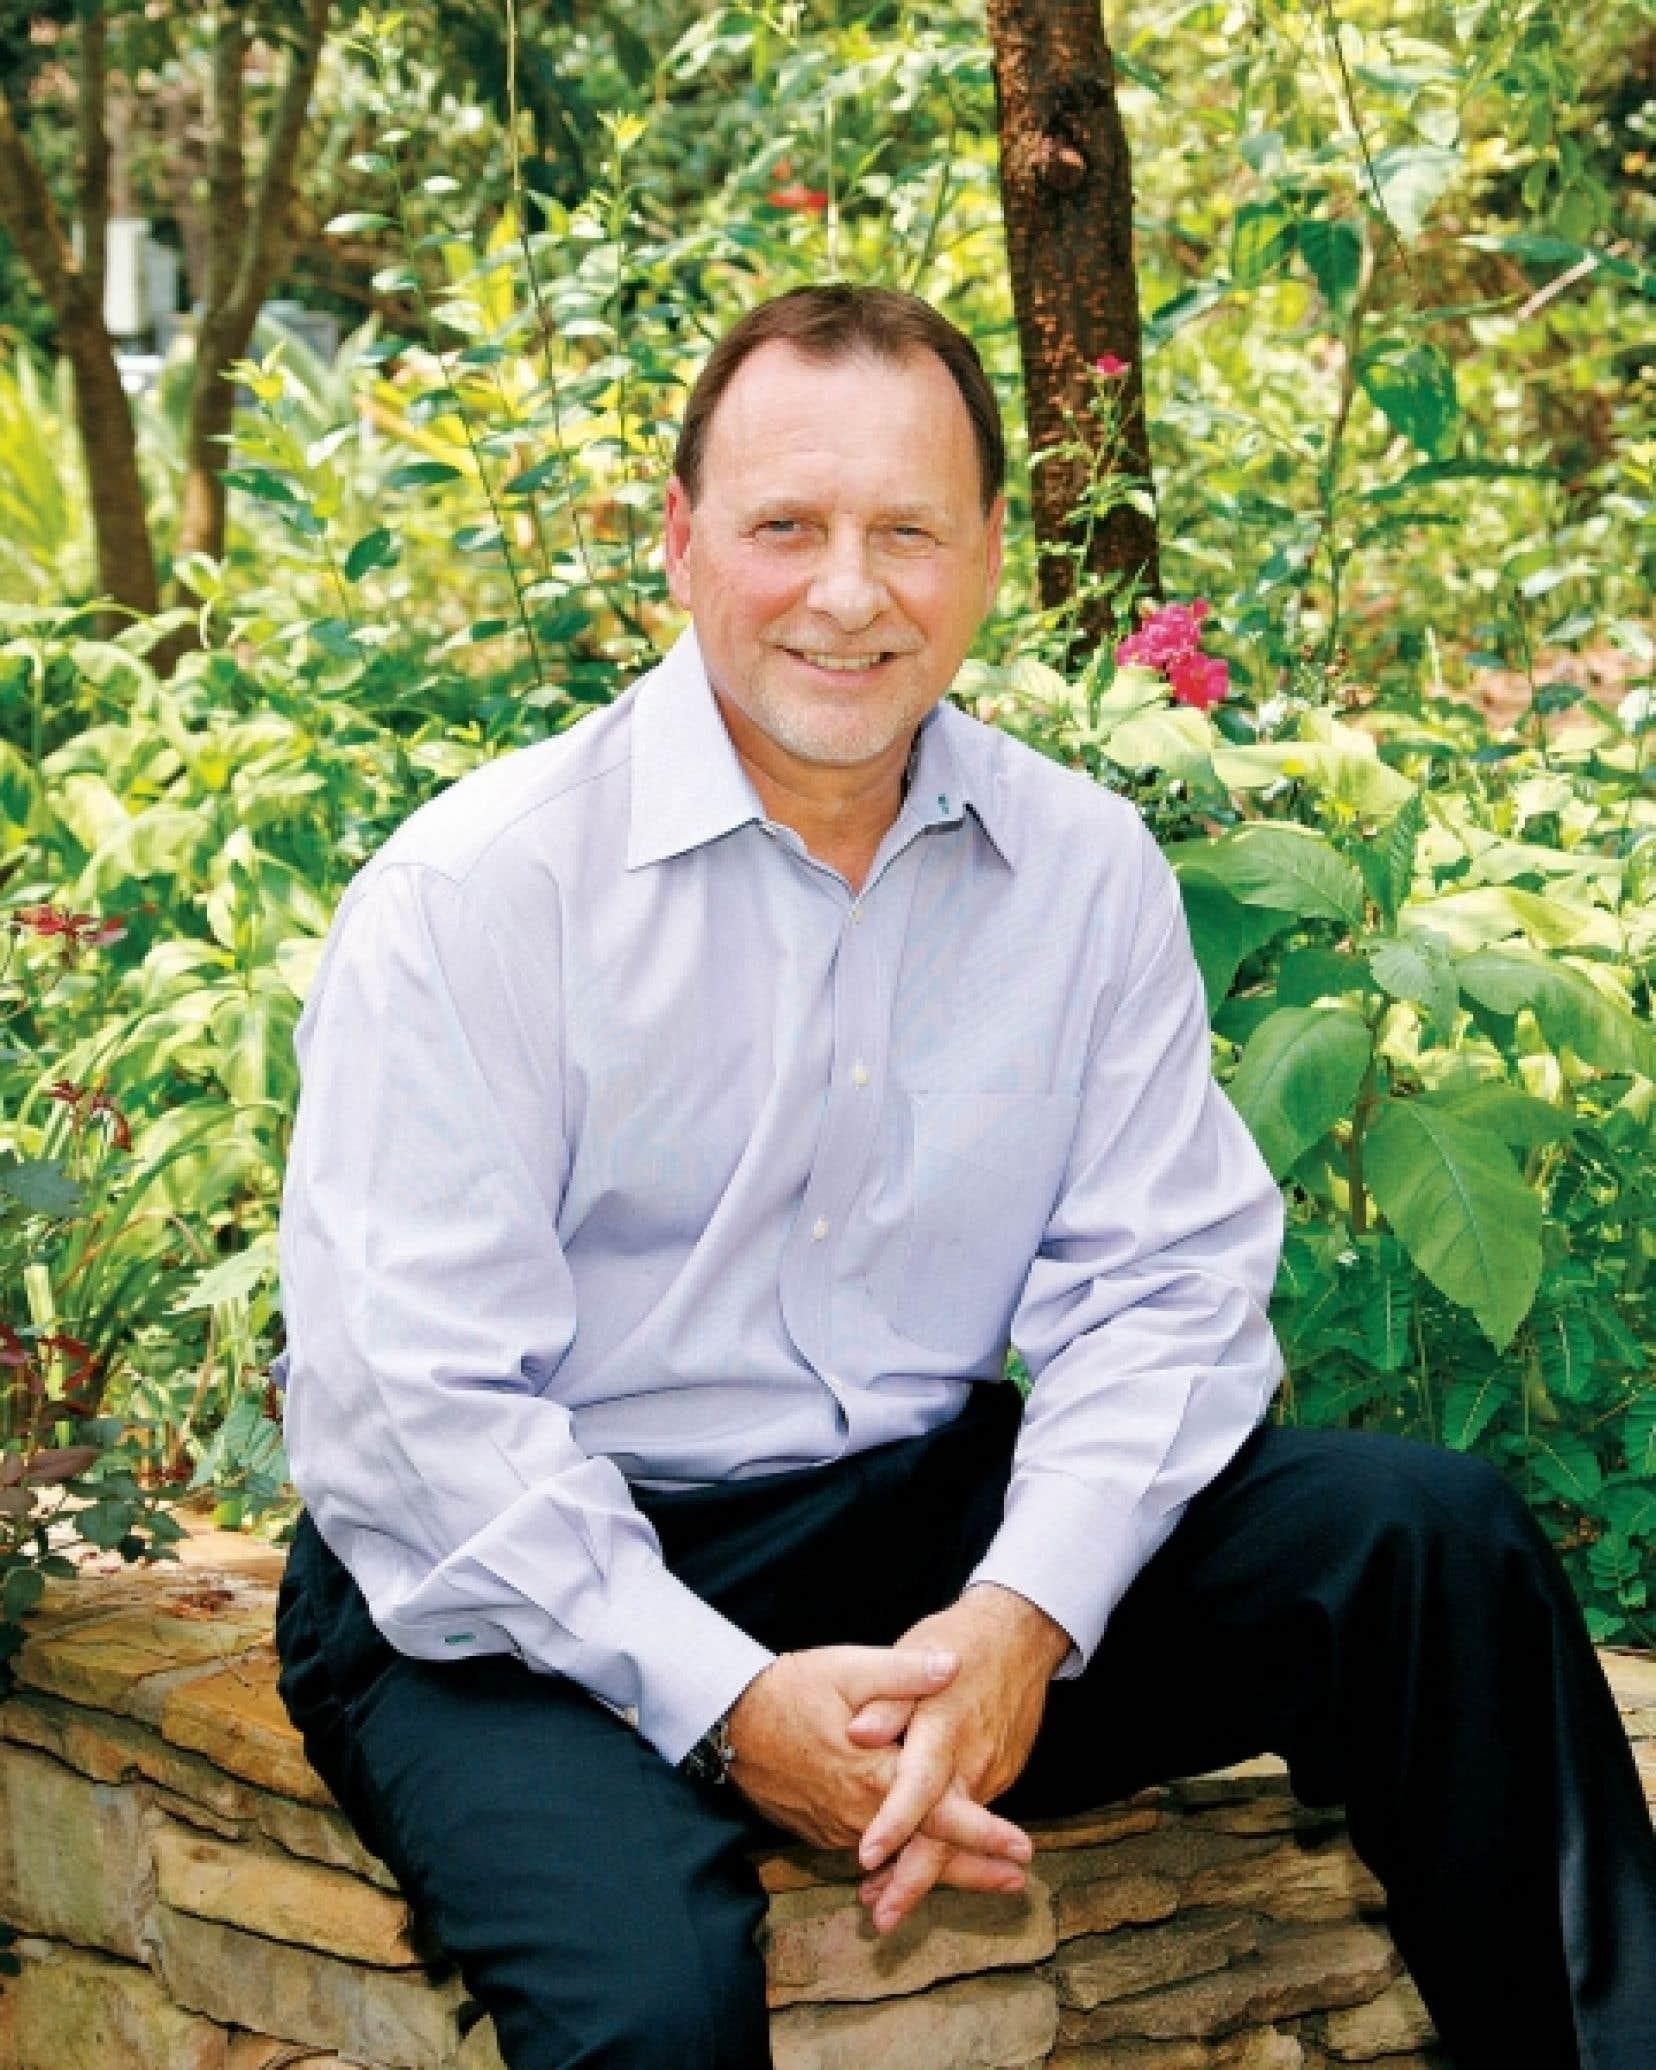 Claude Ouimet, vice-président principal et directeur général d'Interface Flor pour le Canada et l'Amérique Latine